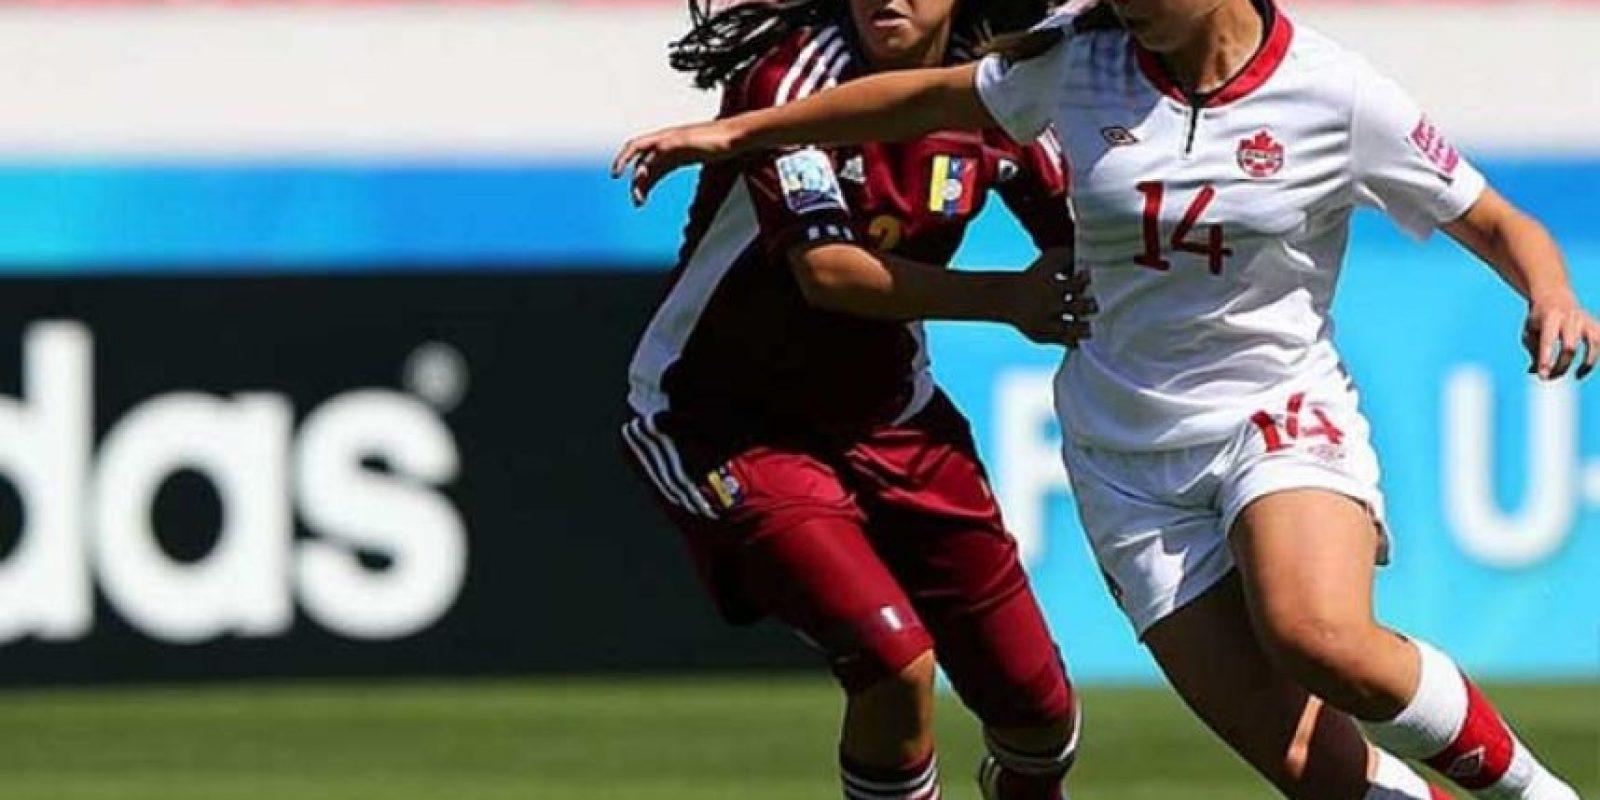 Posteriormente, luchará por conseguir su sueño que es jugar en Alemania, específicamente en el Bayern Munich. Foto:Getty Images